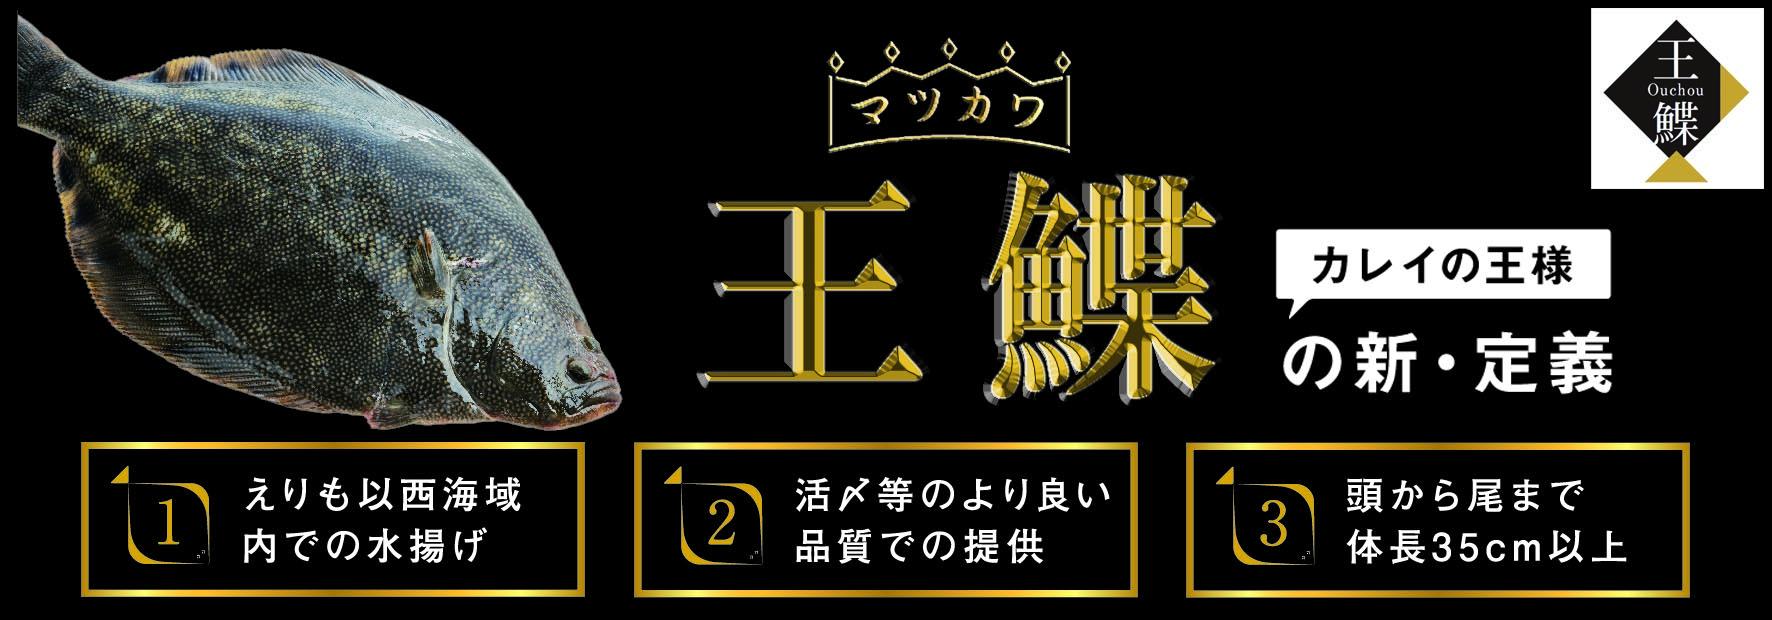 「王鰈(おうちょう)」(マツカワ)は北海道の海が育てた幻の魚 鰈の王です。